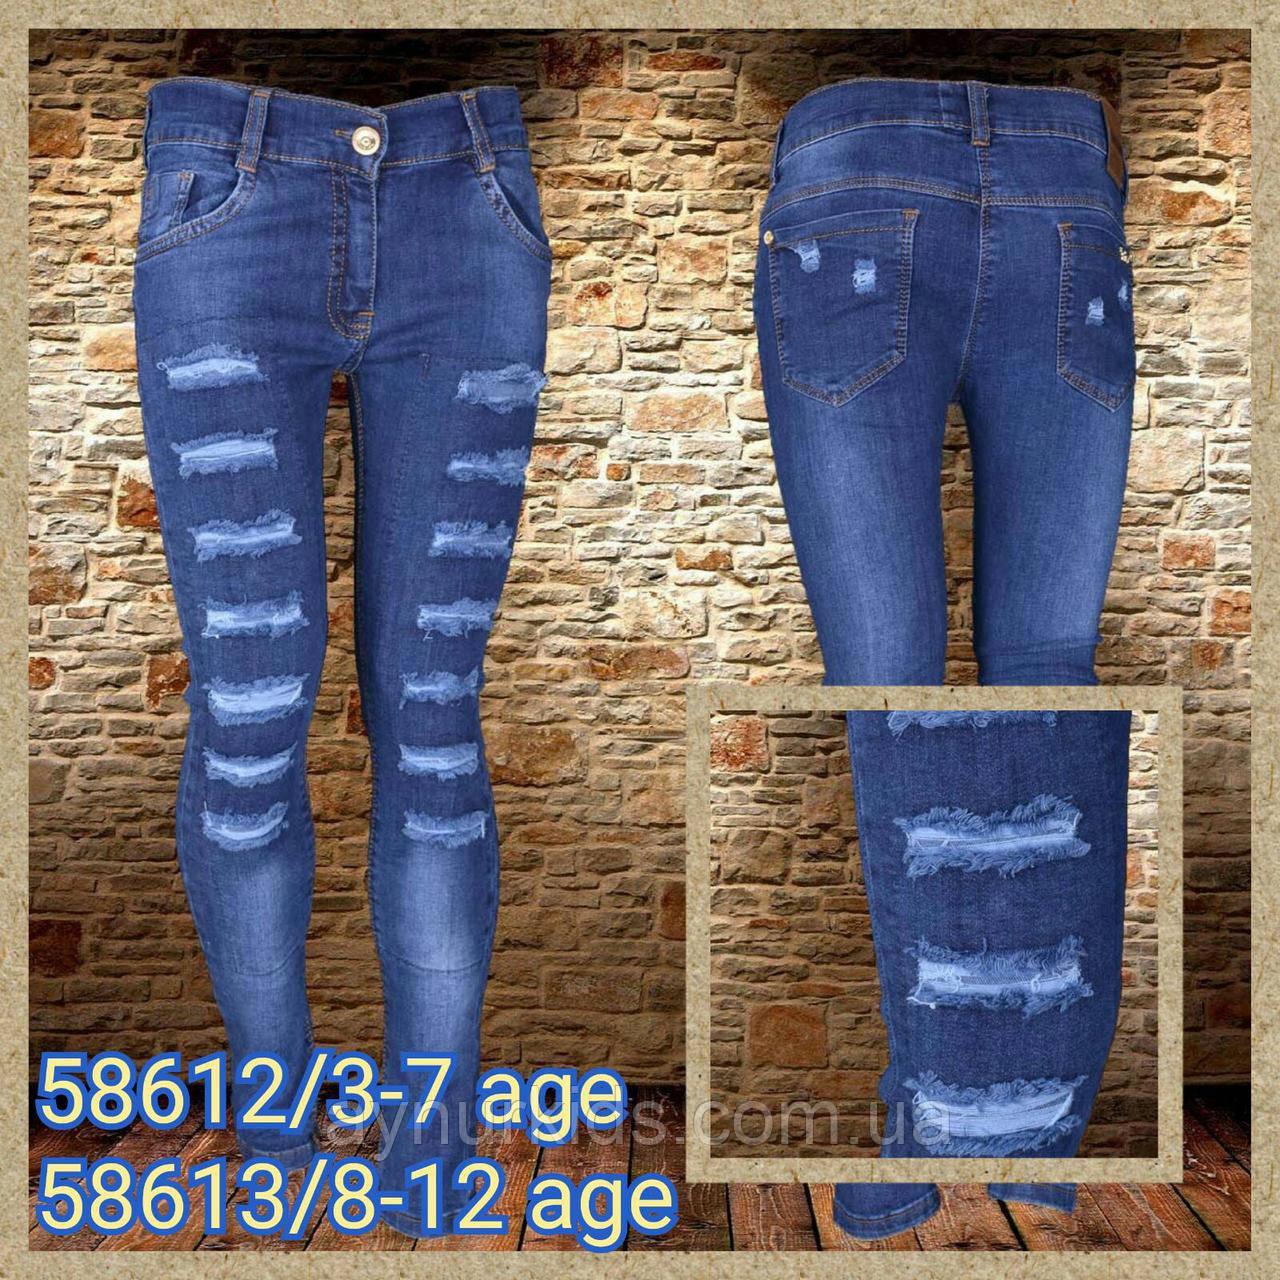 Рваные джинсы на девочку 8-12 лет